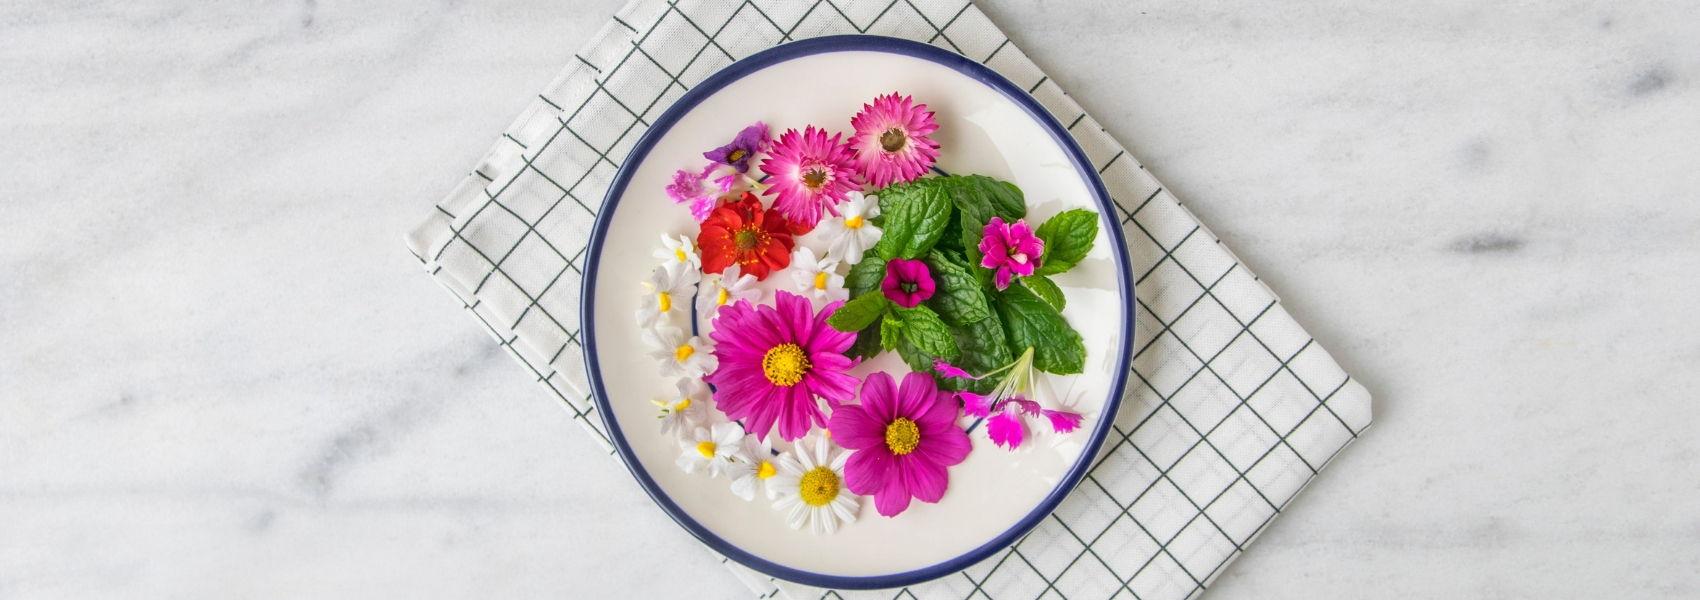 flores no prato